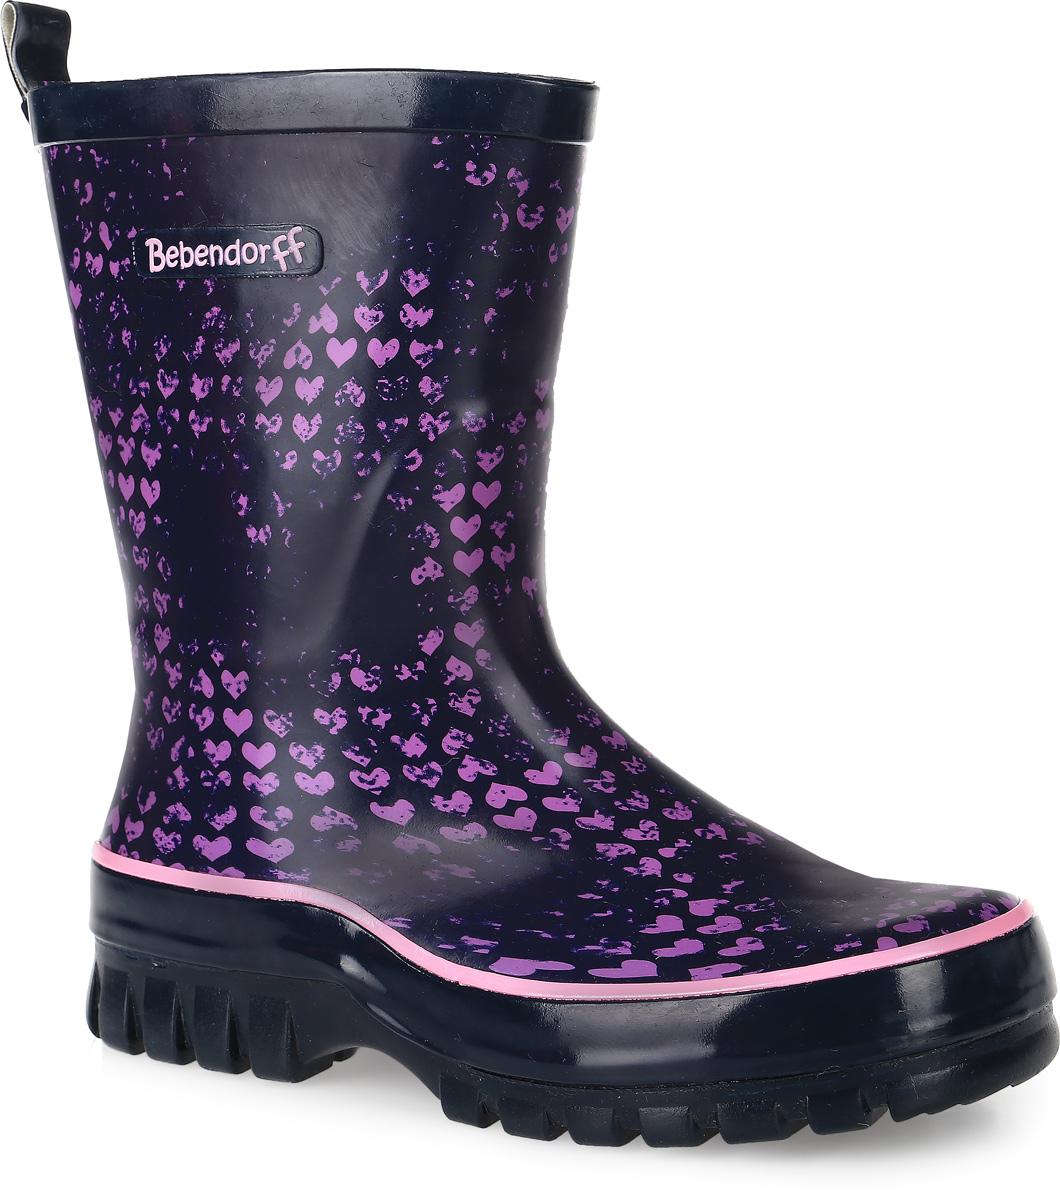 1115527Модные резиновые сапоги от Bebendorff - идеальная обувь в холодную дождливую погоду для вашей девочки. Сапоги выполнены из качественной резины и оформлены принтом с изображением сердечек. Внутренняя поверхность из хлопка. Съемная стелька из материала ЭВА с поверхностью из хлопка комфортна при движении. Подошва дополнена протектором.